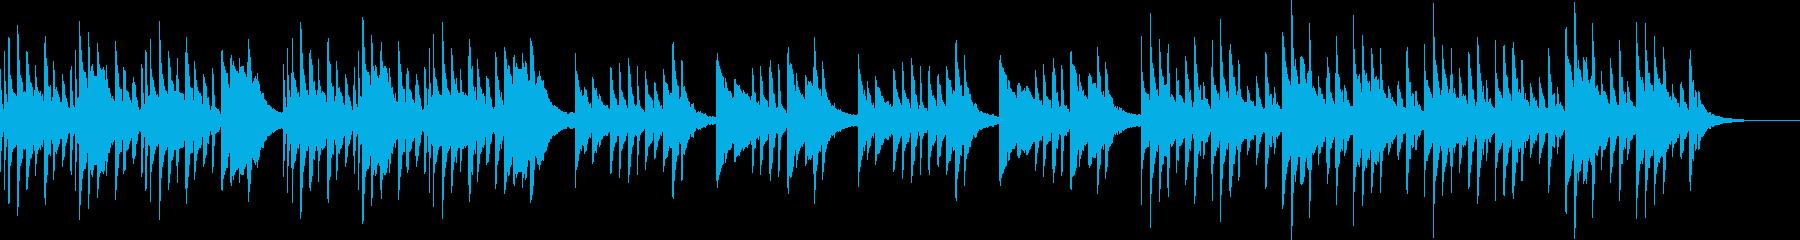 ゆったりとしたシンプルなピアノソロの再生済みの波形